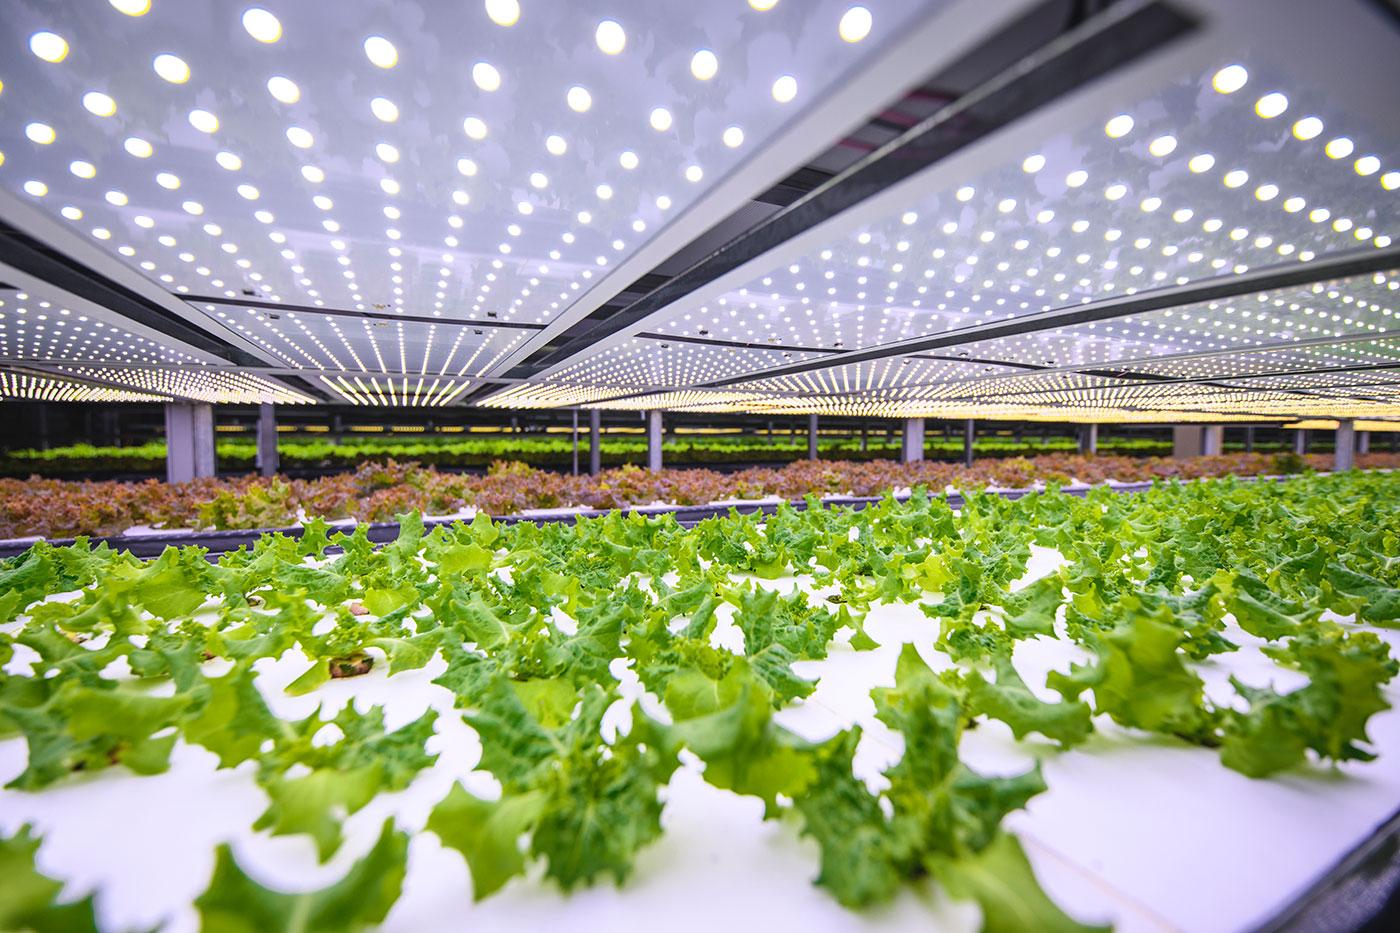 Foto af salat, der spirer op i et vertikalt landbrug